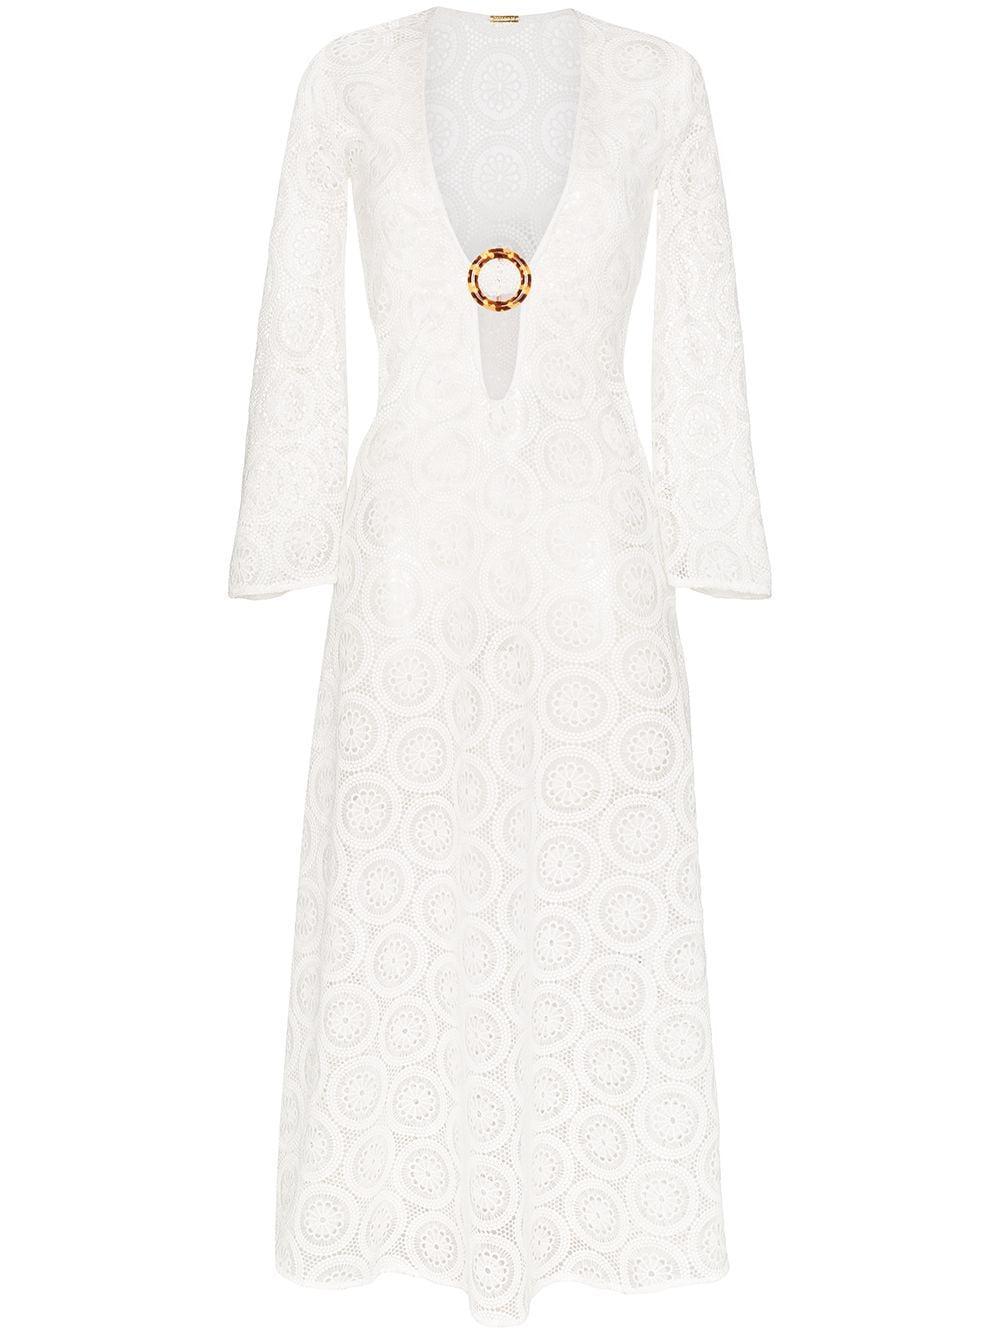 Jane Crochet Long Dress Item # DBO1196